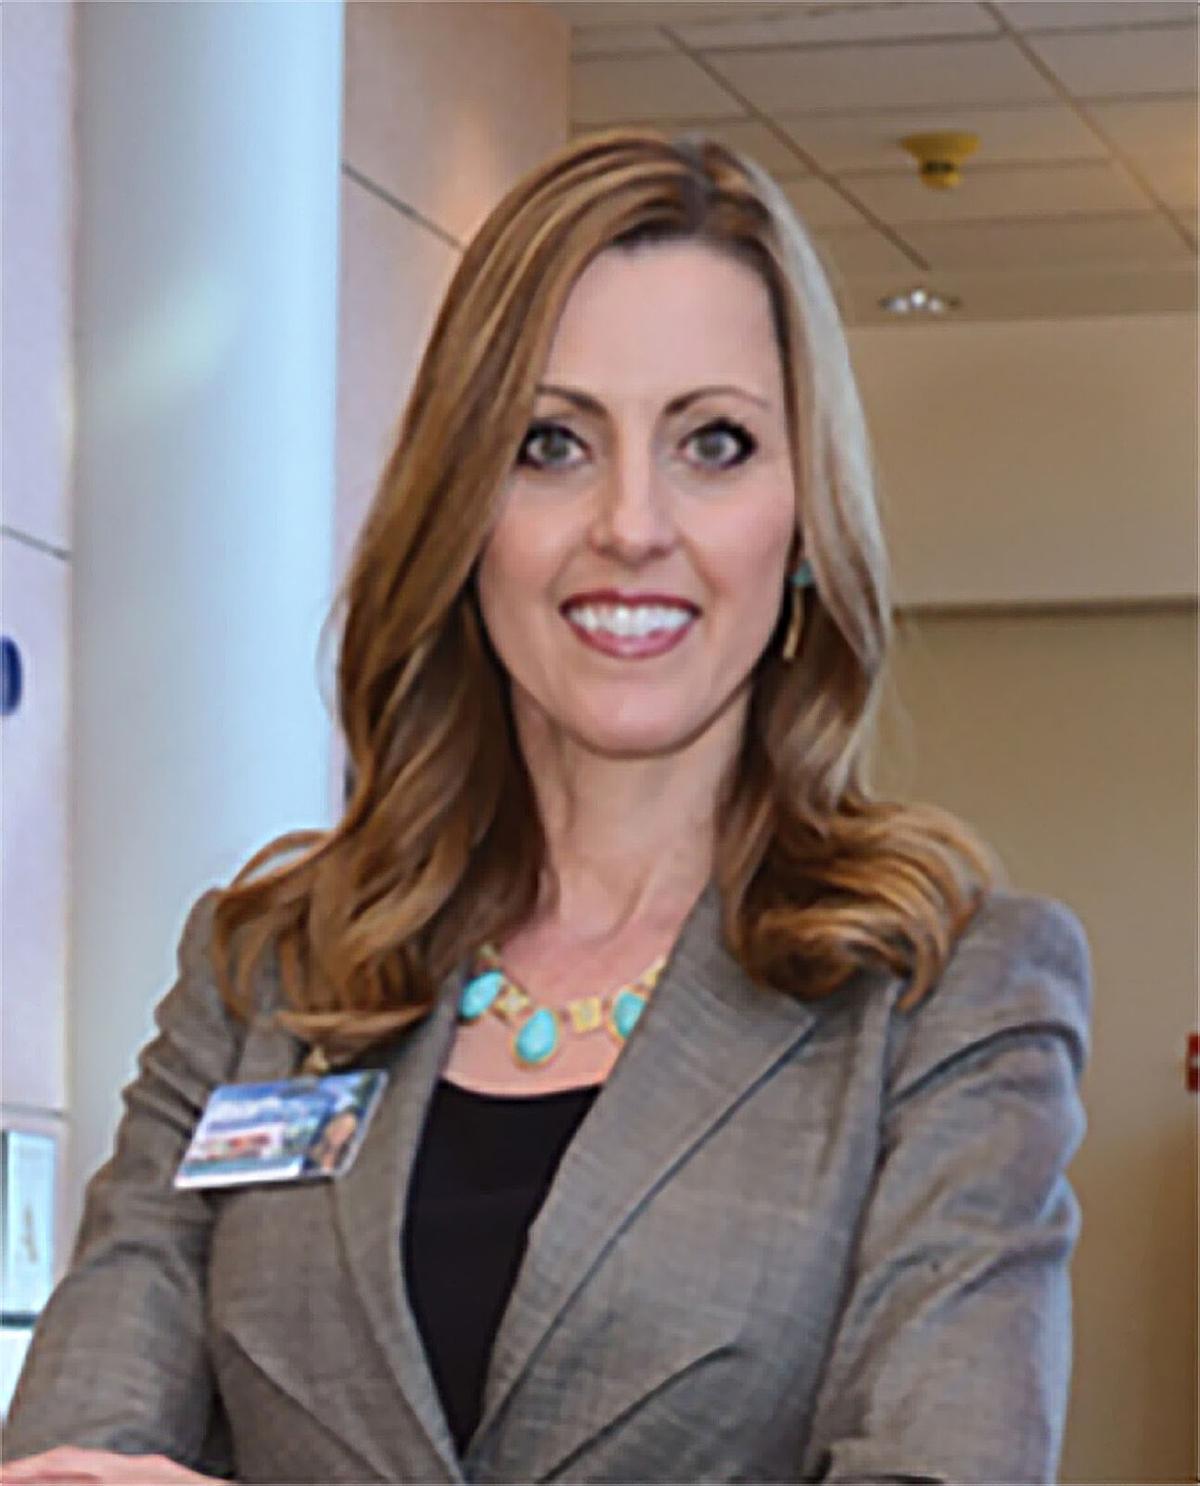 Michelle Oxford